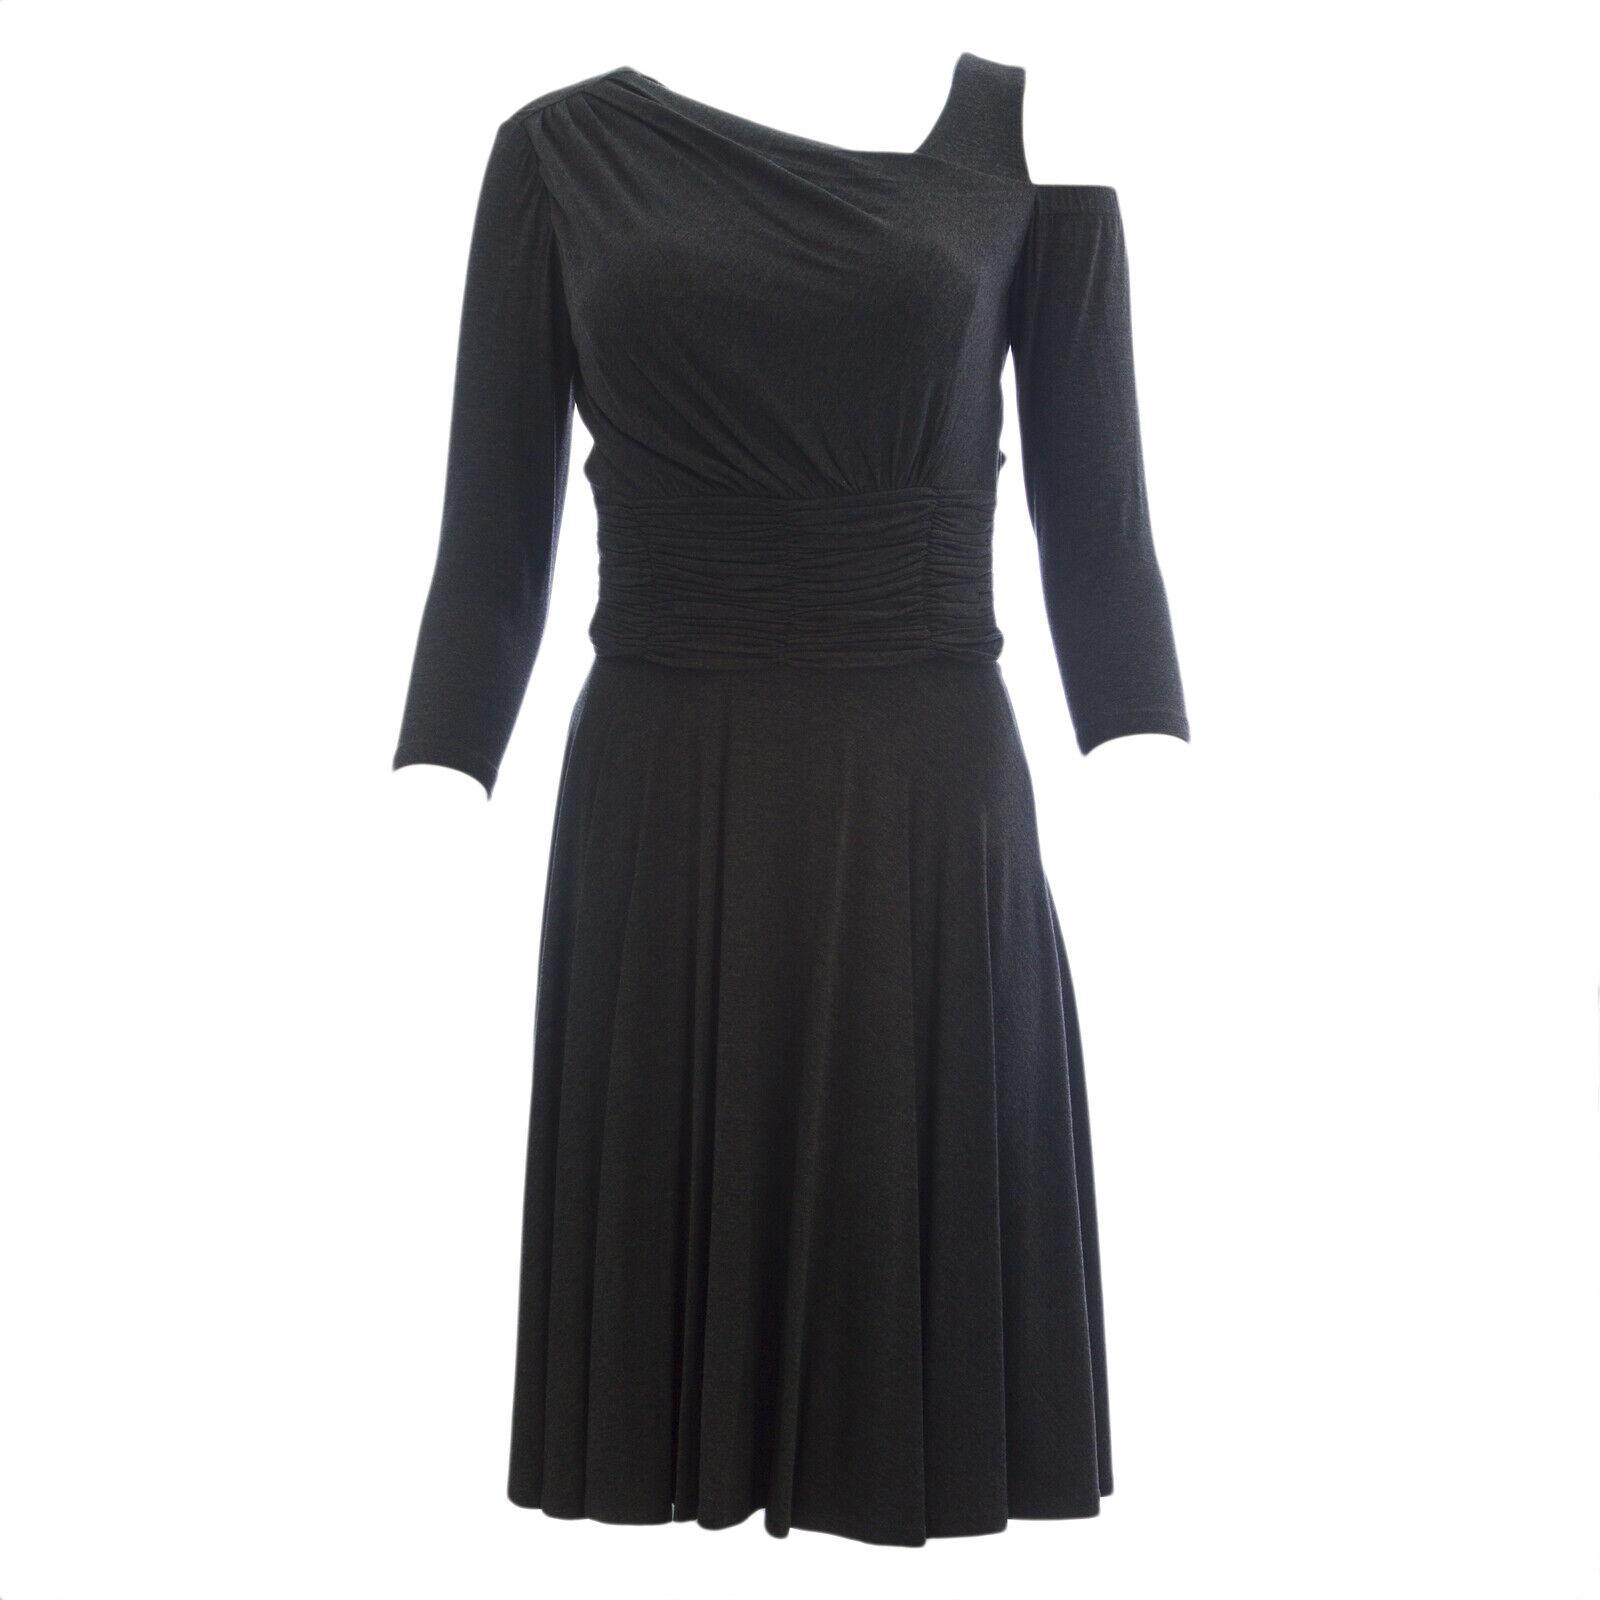 Nue von Shani Damen Grau Schulter Ausgeschnitten A-Linie Kleid S293 Nwt